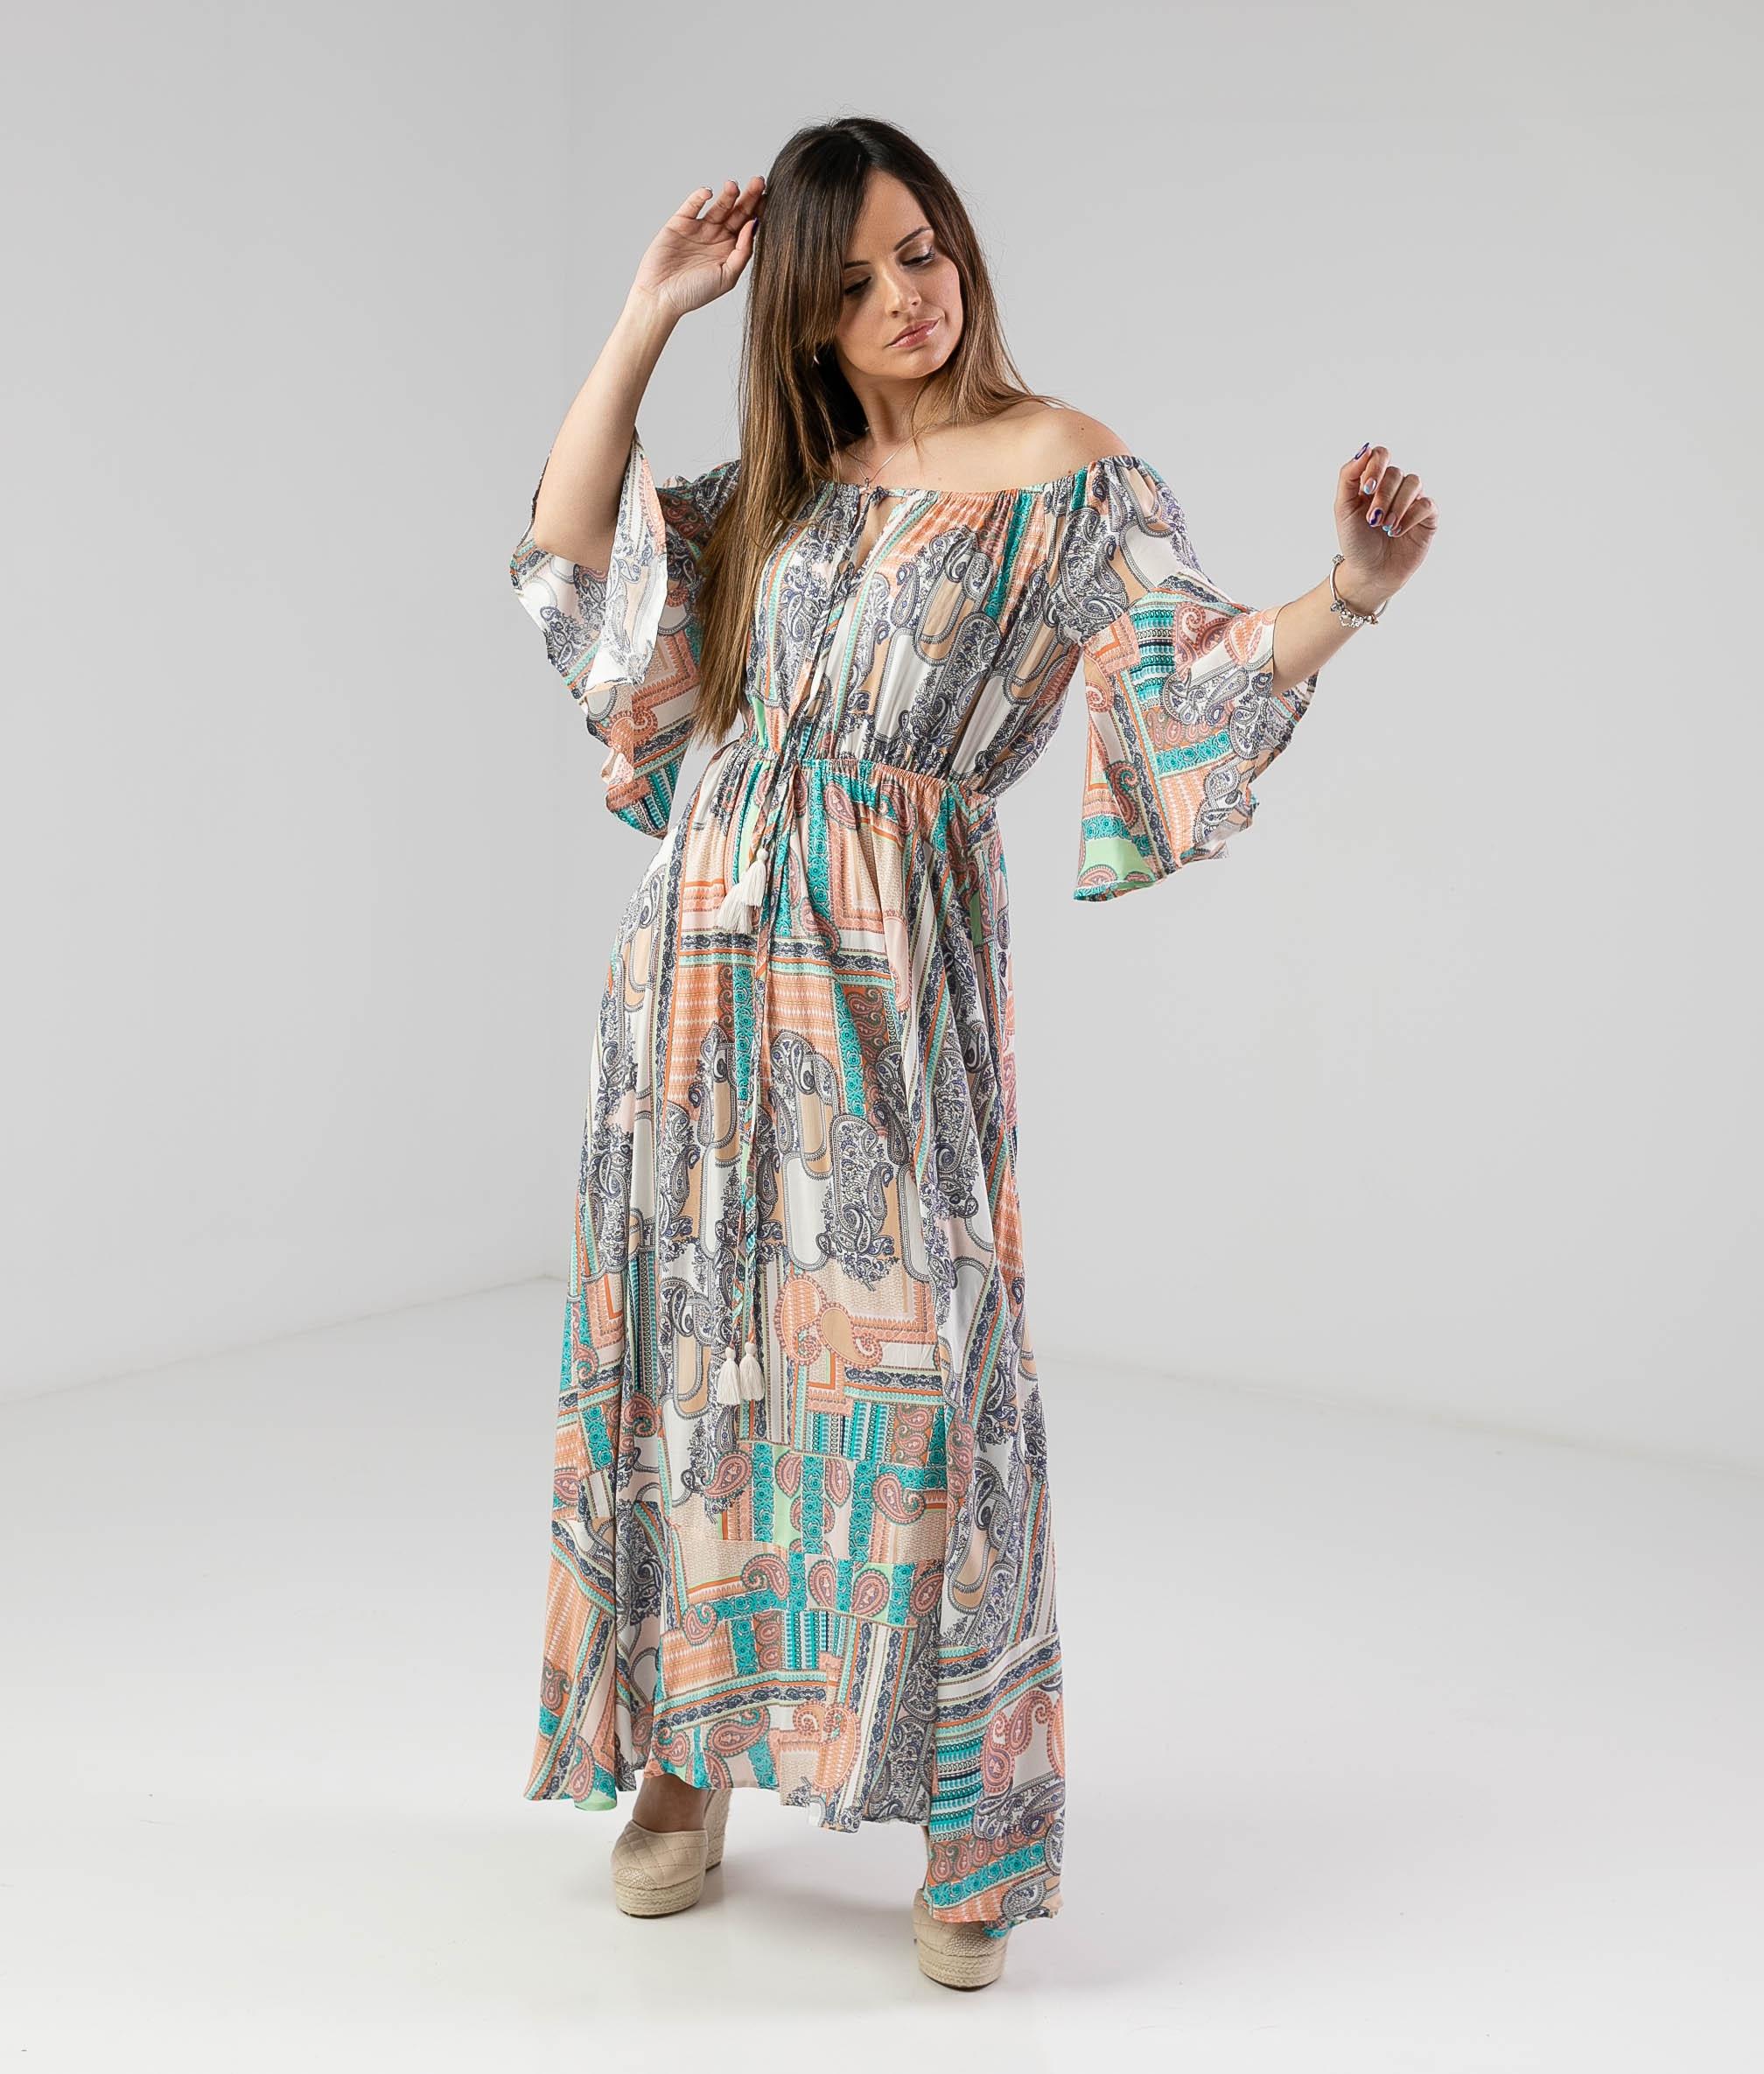 Vestido Bensi - Multicolorido